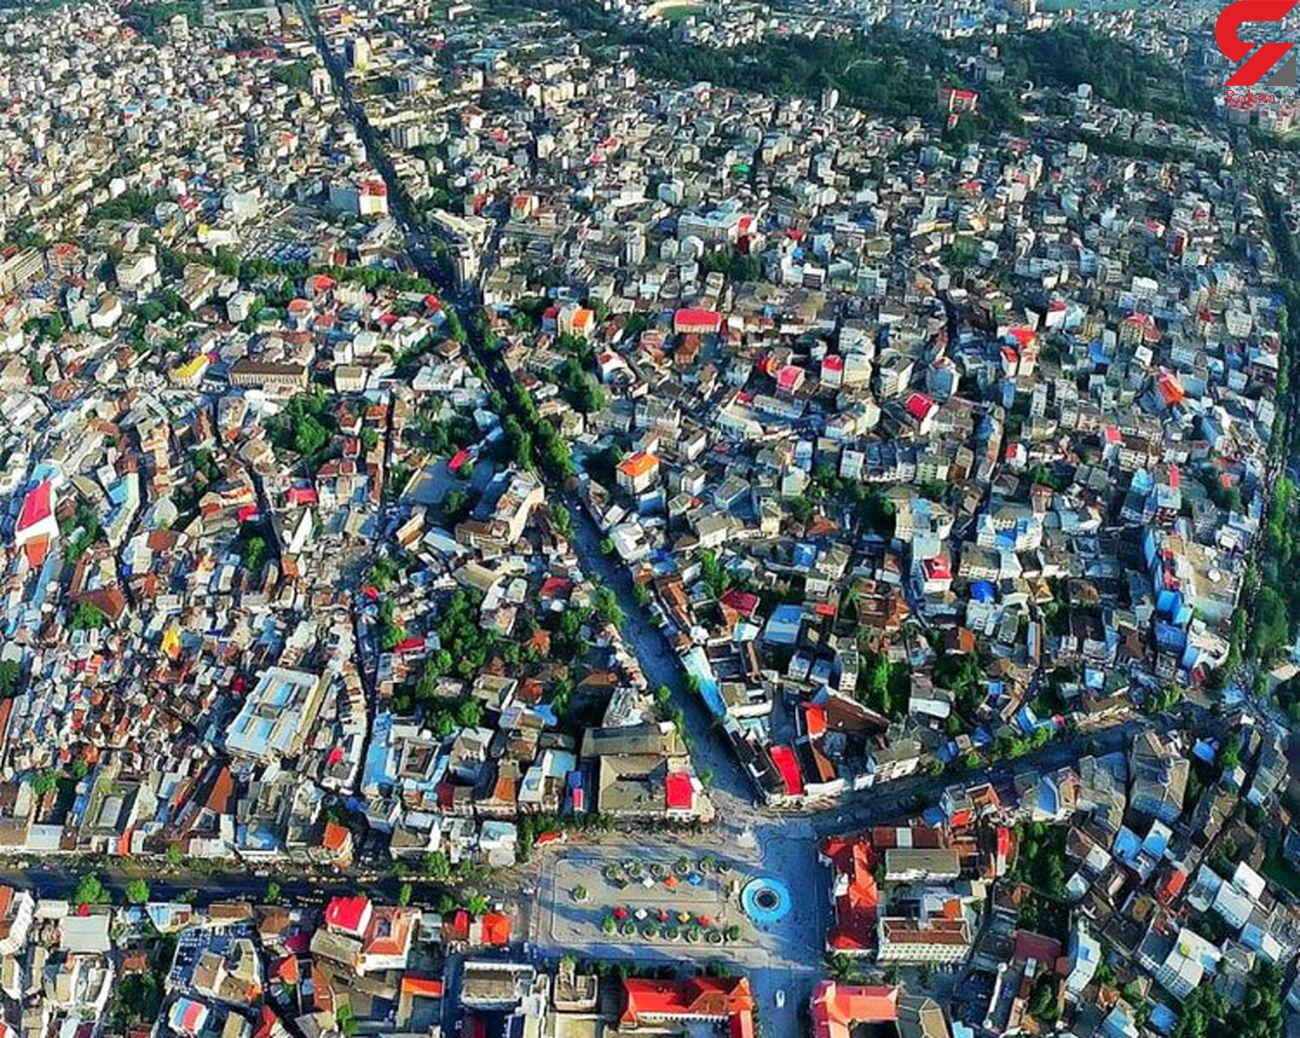 حل معضل ترافیک شهر رشت دغدغه ی شهرداری